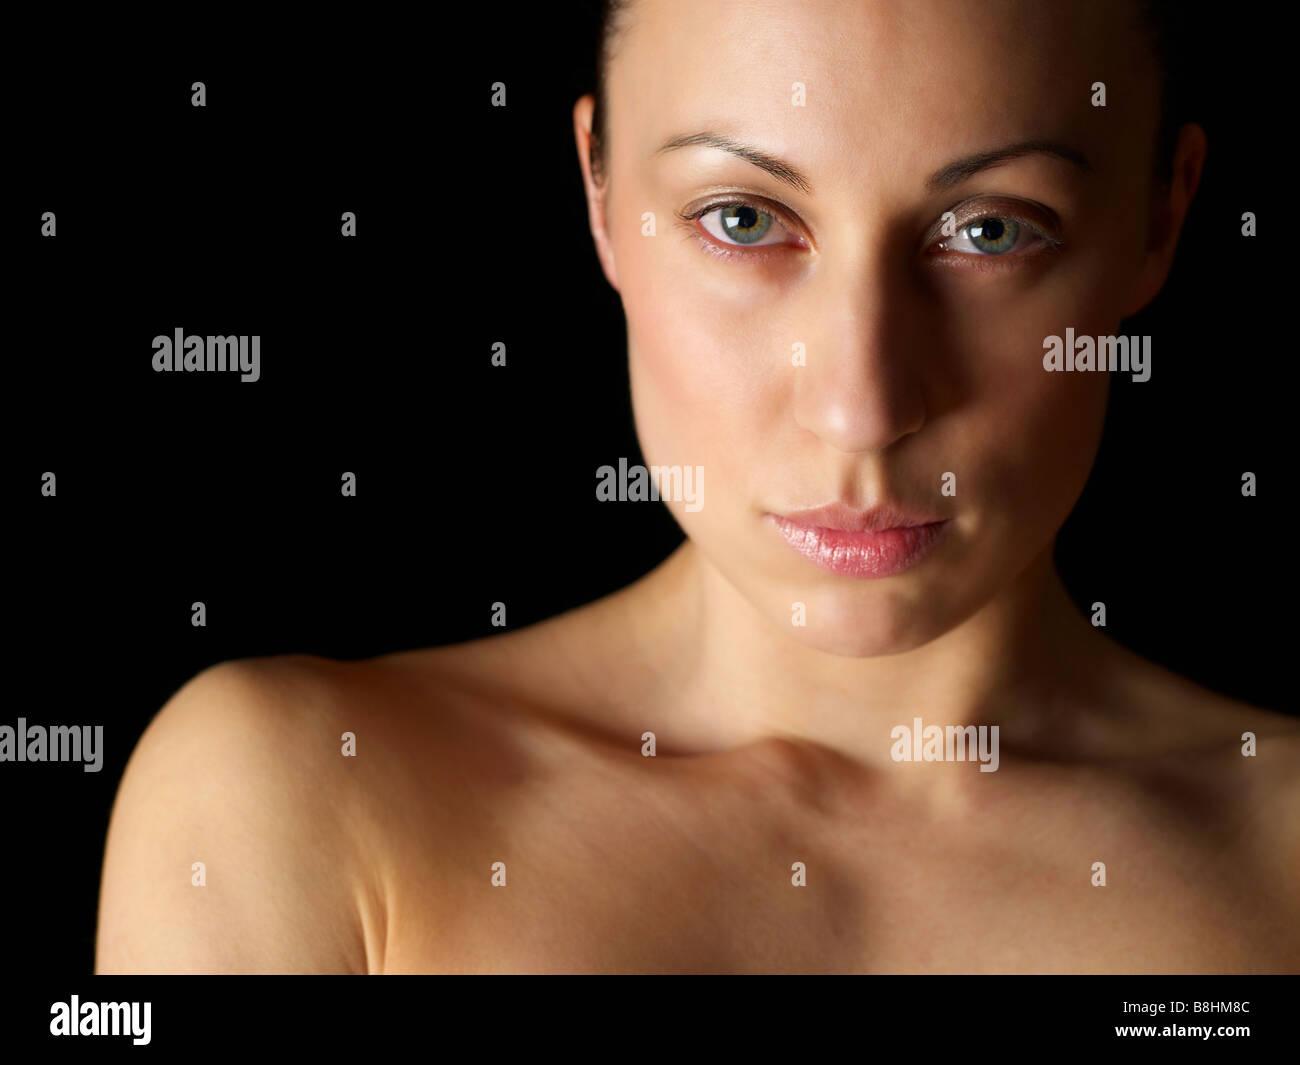 Head shot of a vingt huit ans modèle féminin Photo Stock